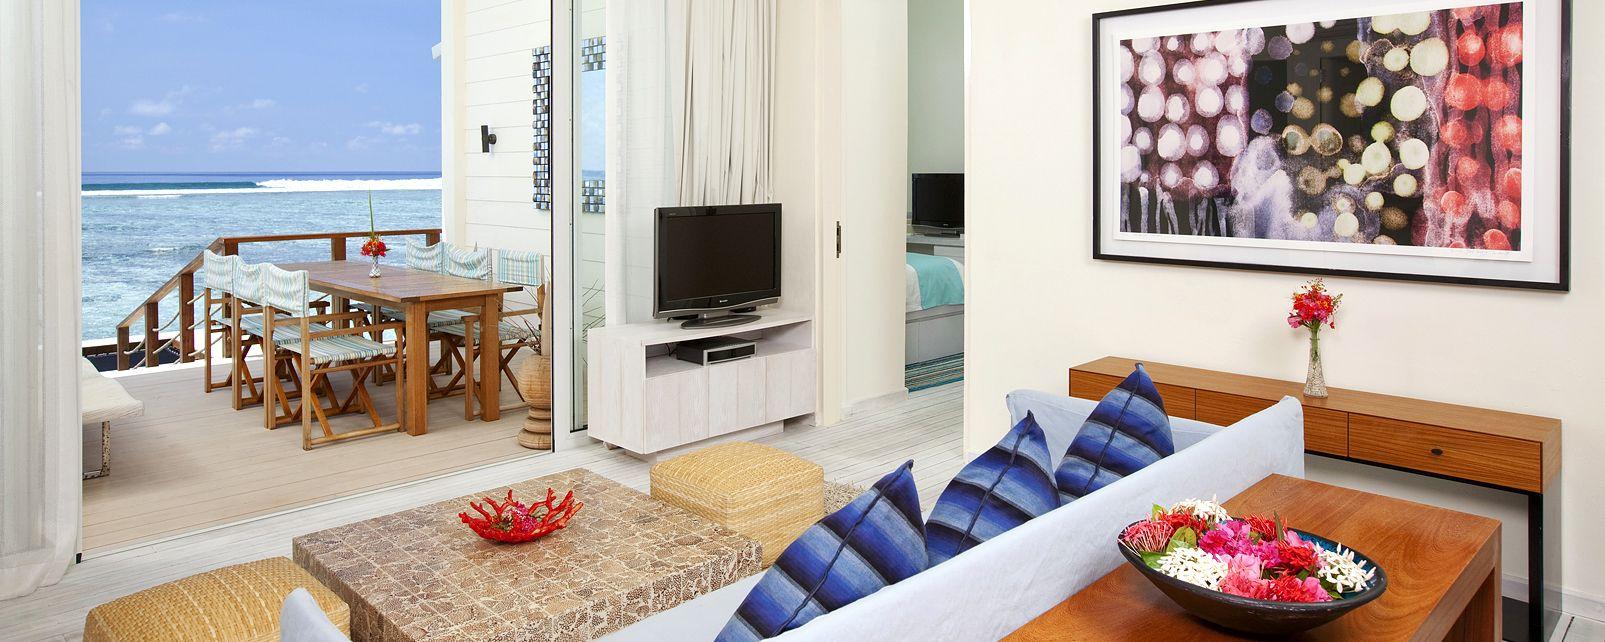 Hôtel Holiday Inn Resort Kandooma